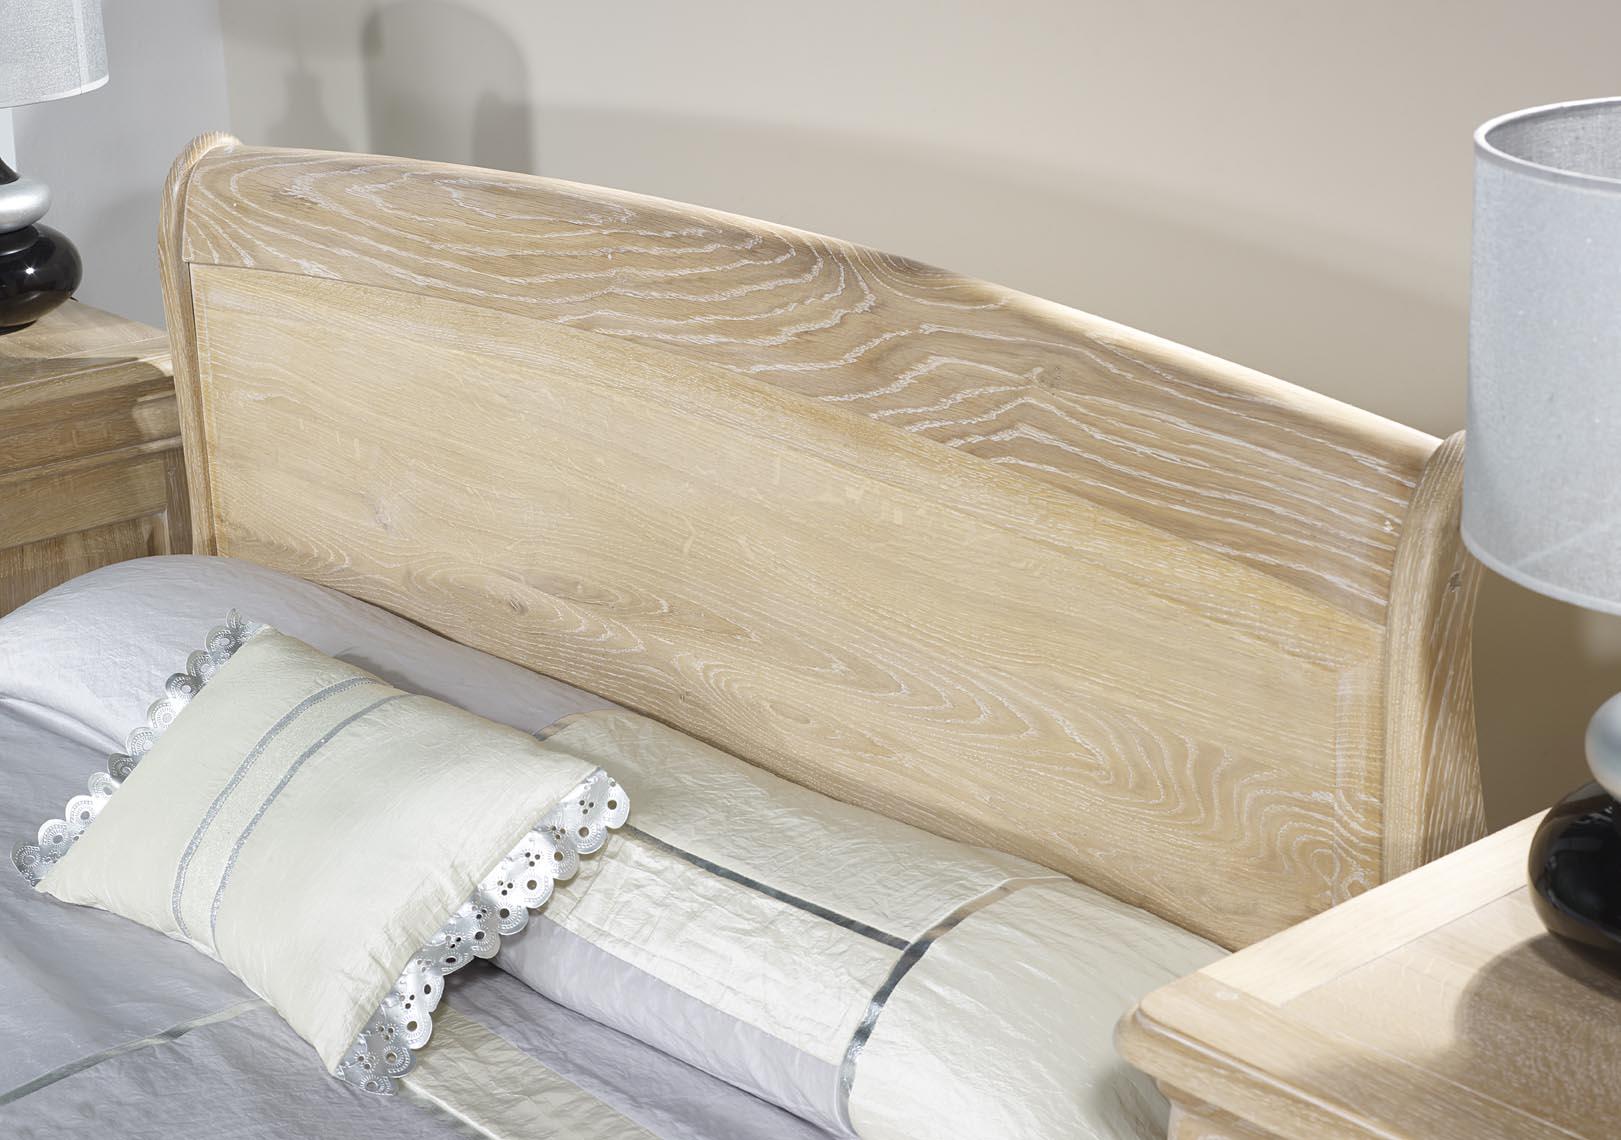 lit thomas 140x190 en ch ne massif de style louis philippe. Black Bedroom Furniture Sets. Home Design Ideas